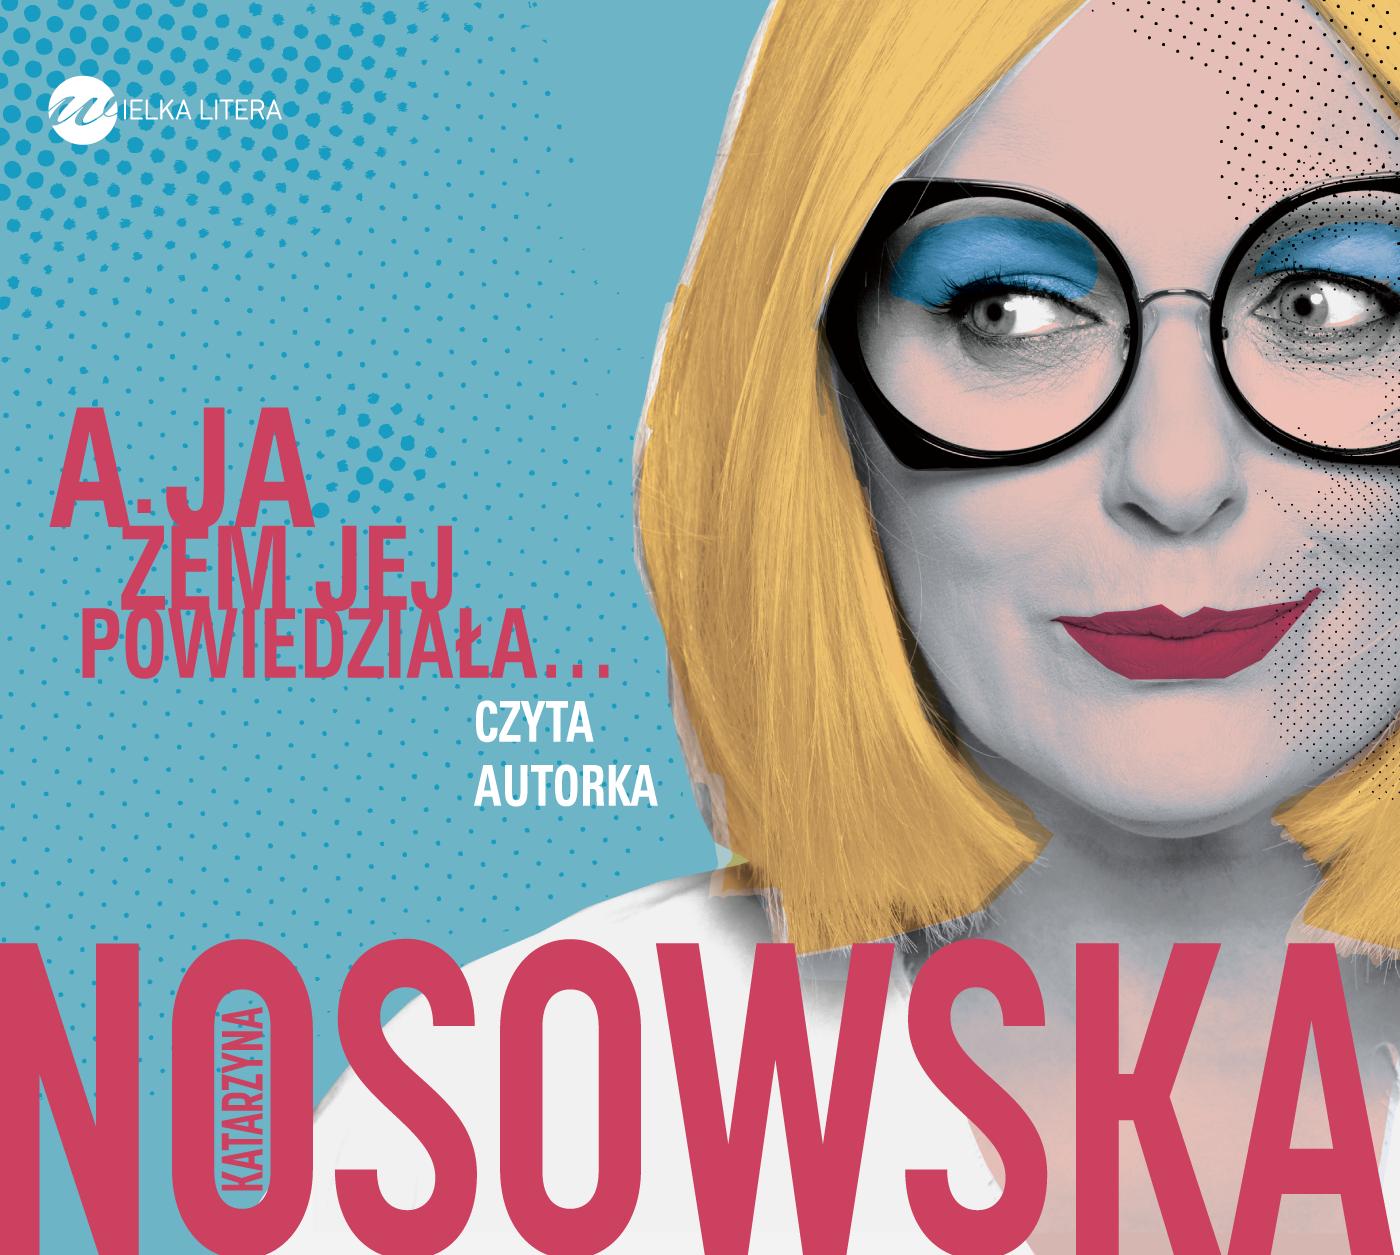 Przedpremierowa odsłona książki Katarzyny Nosowskiej już do odsłuchania na Storytel! Czyta sama Nosowska